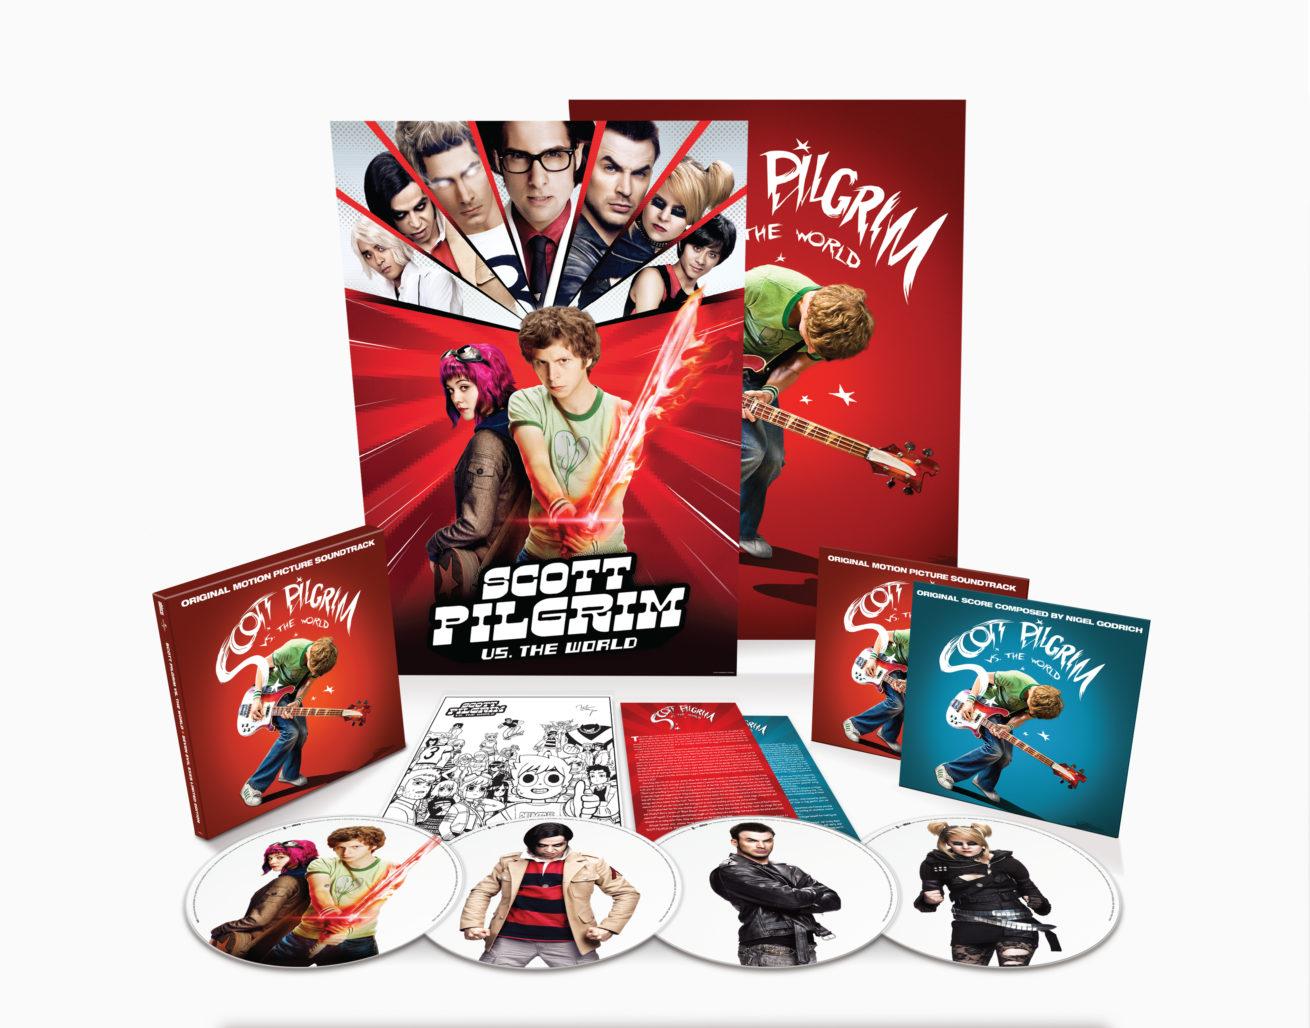 edgar wright, scott pilgrim'in onuncu yılı şerefine özel bir soundtrack albüm yayınlıyor